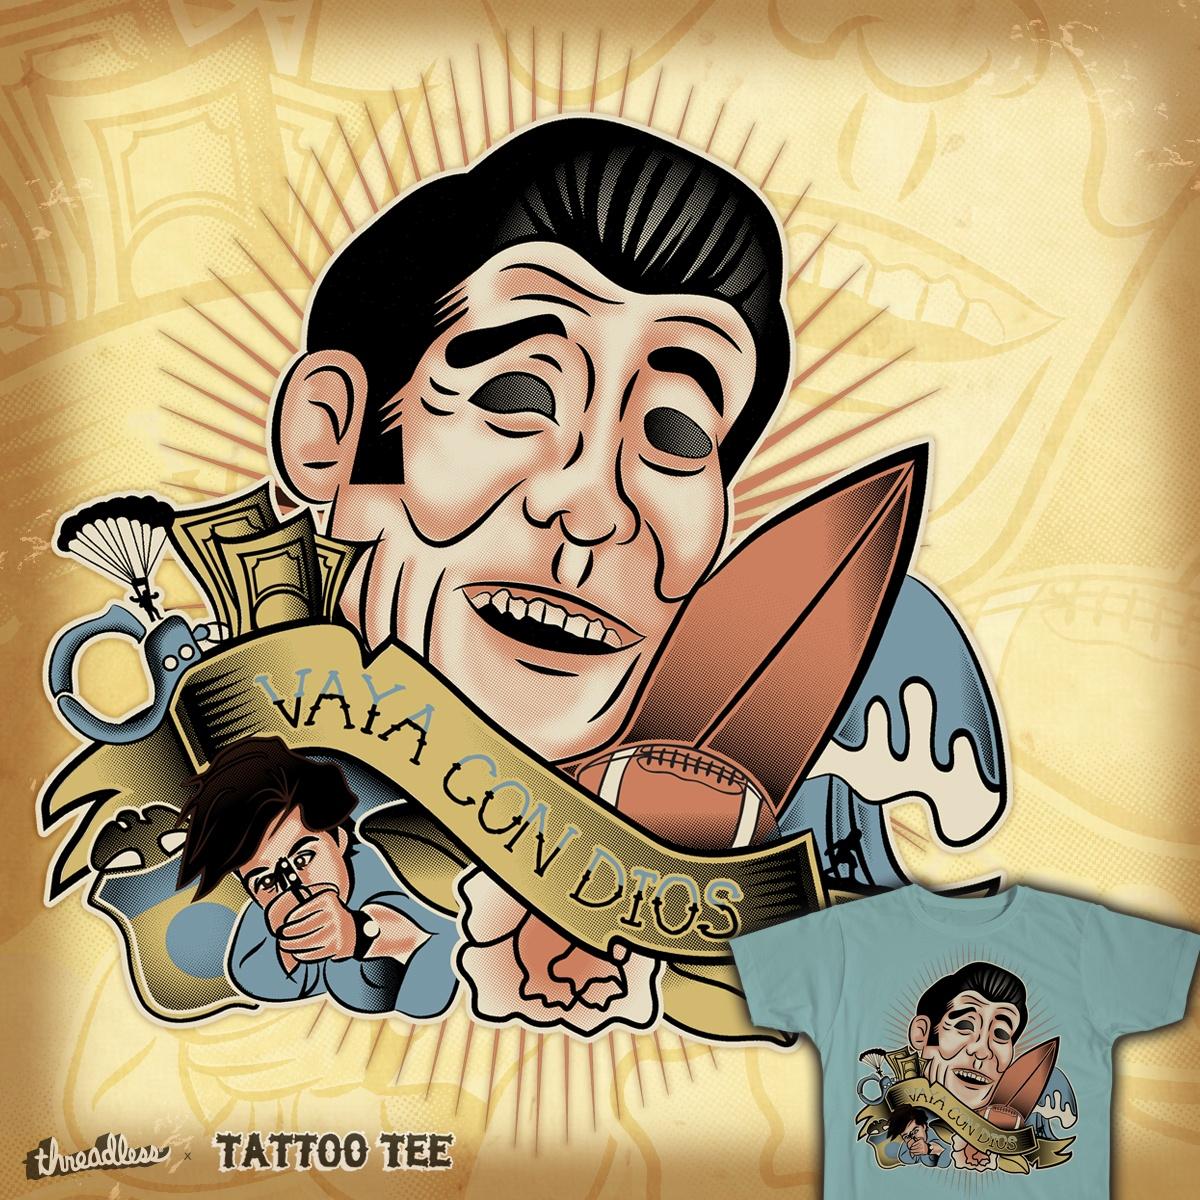 Vaya Con Dios by frauholle on Threadless